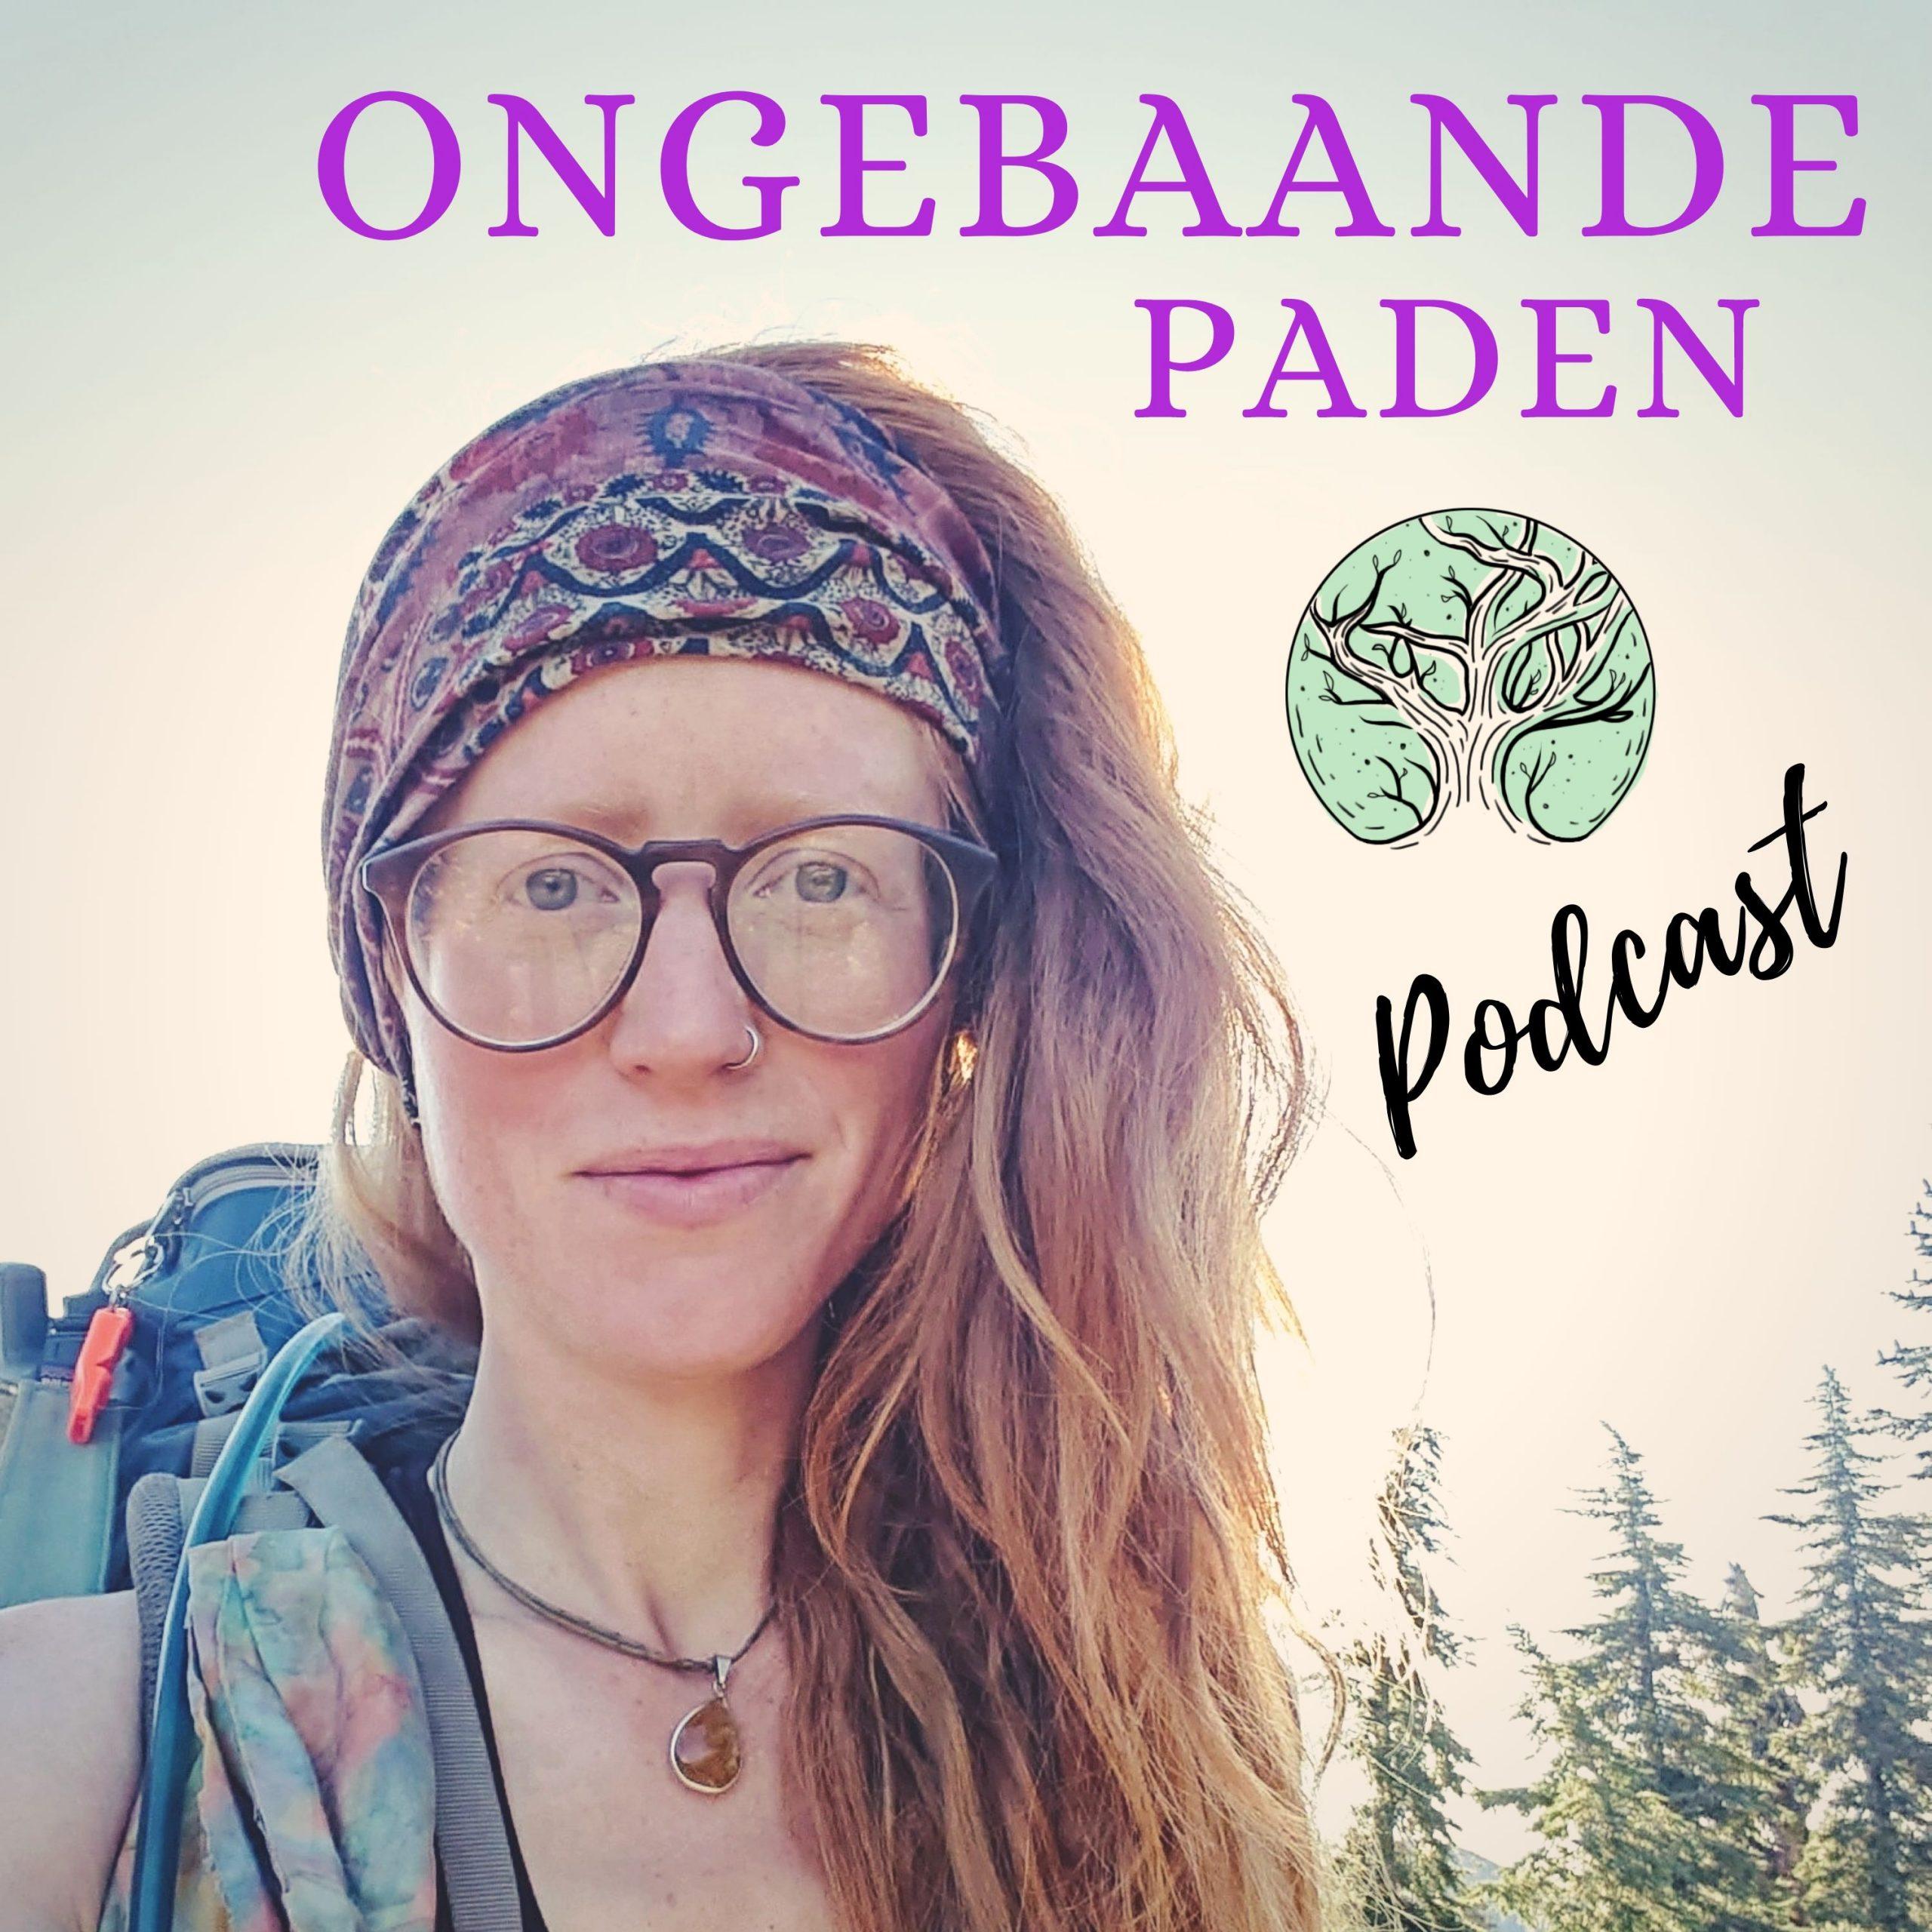 Ongebaande Paden Podcast art